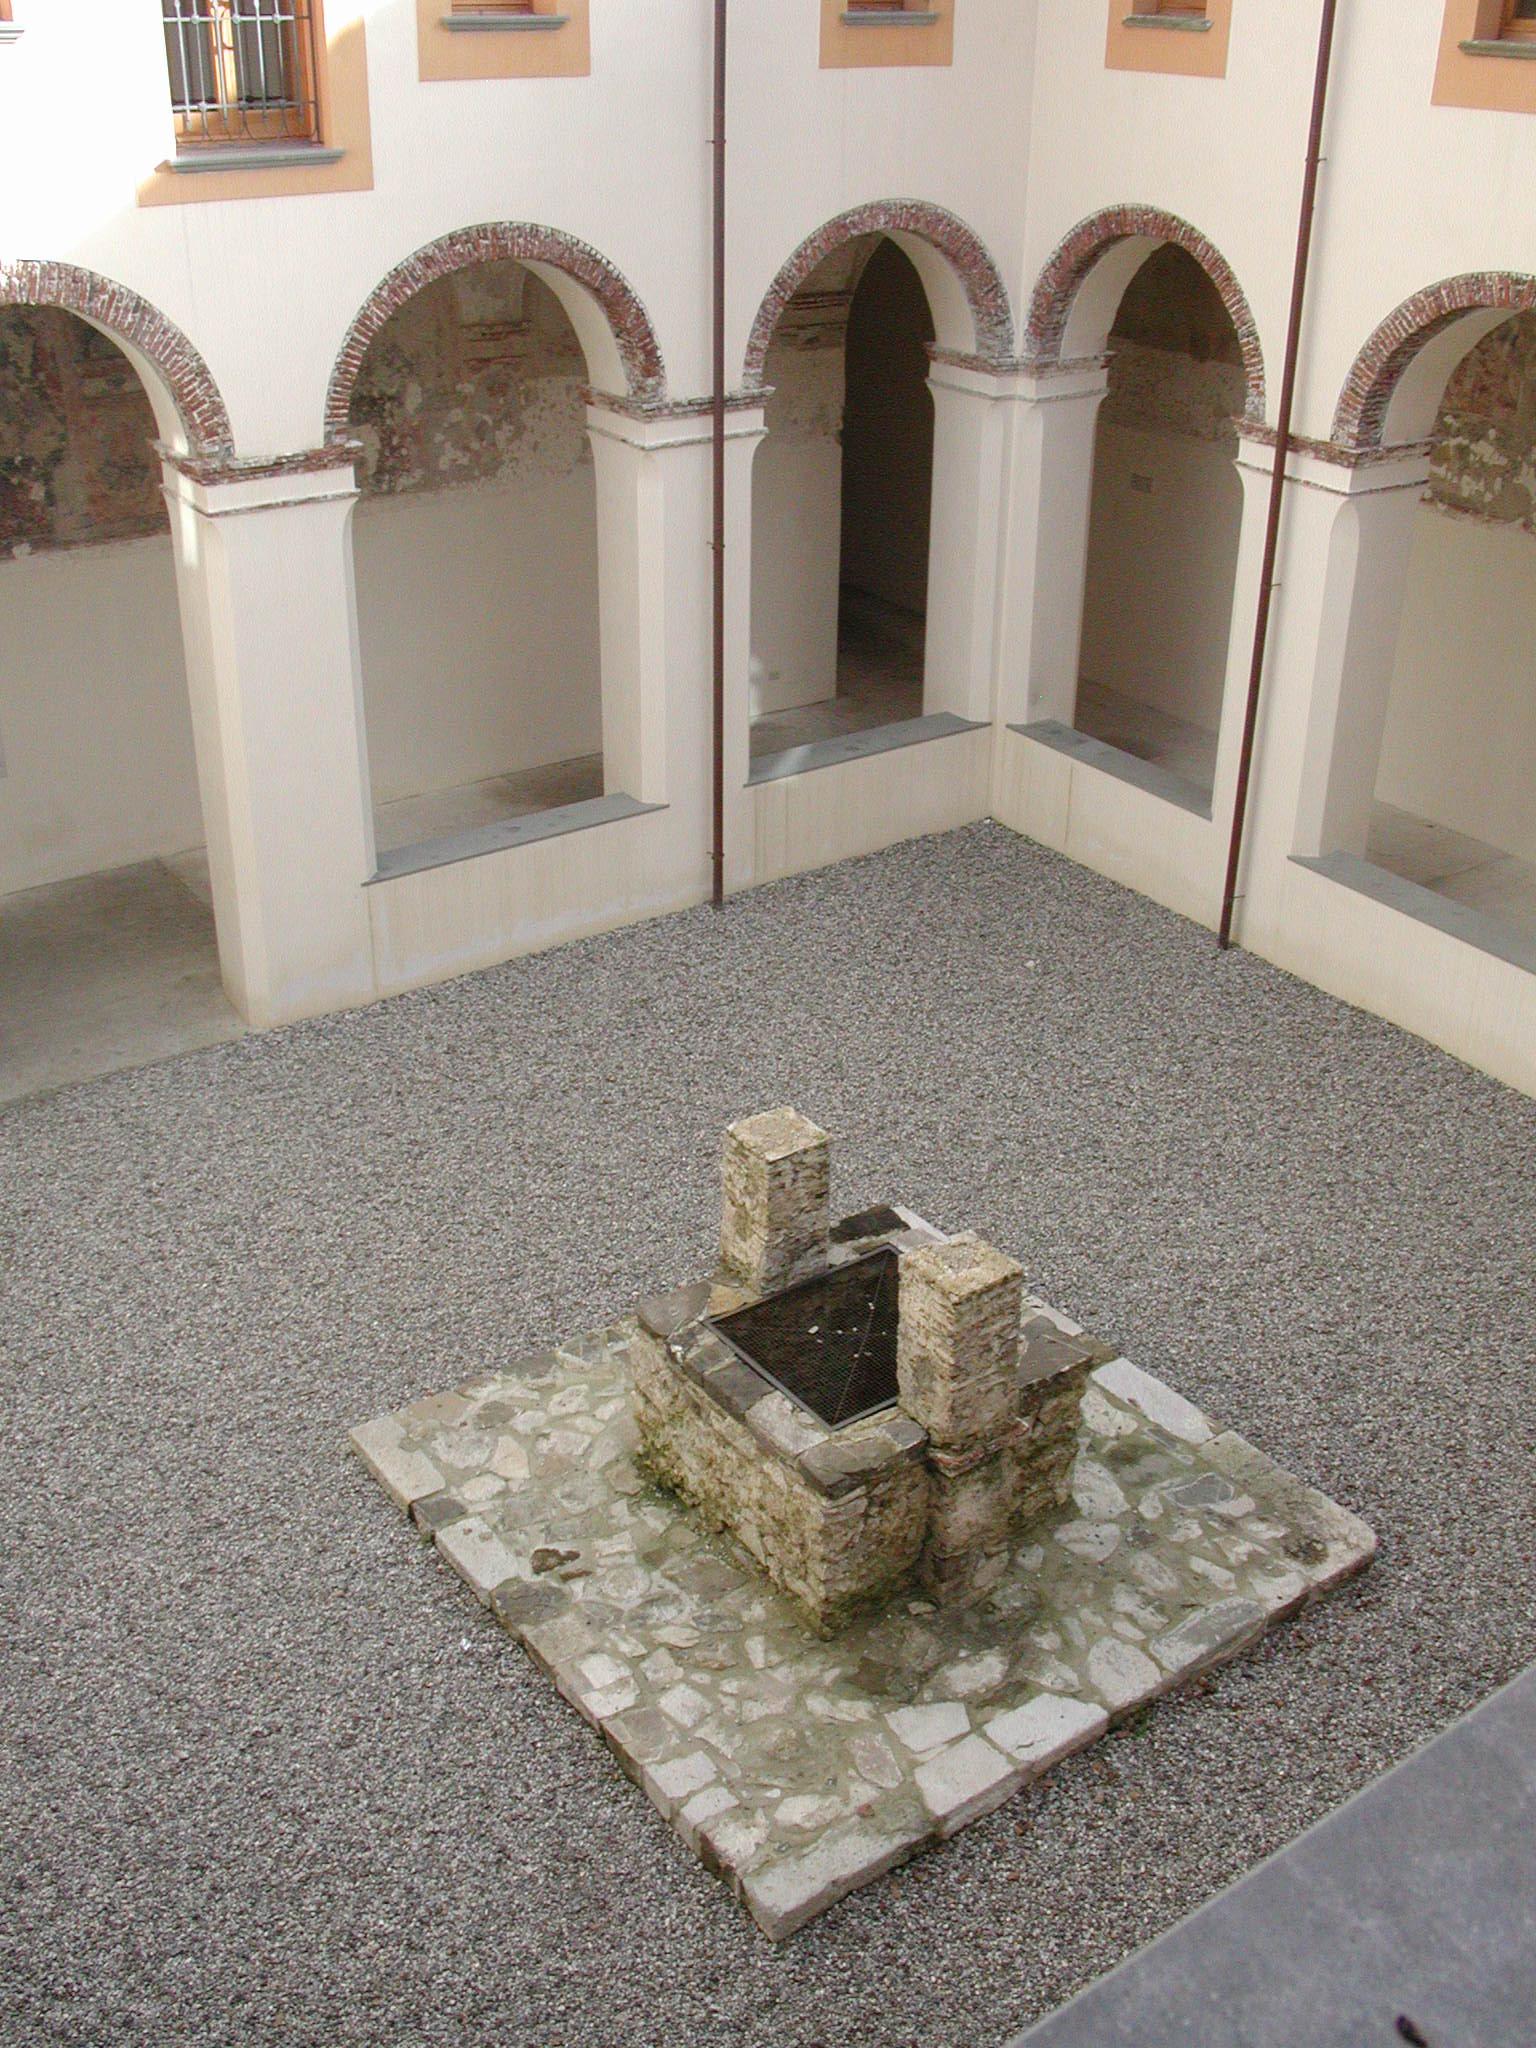 Convento S. Antonio - Chiostro con pozzo